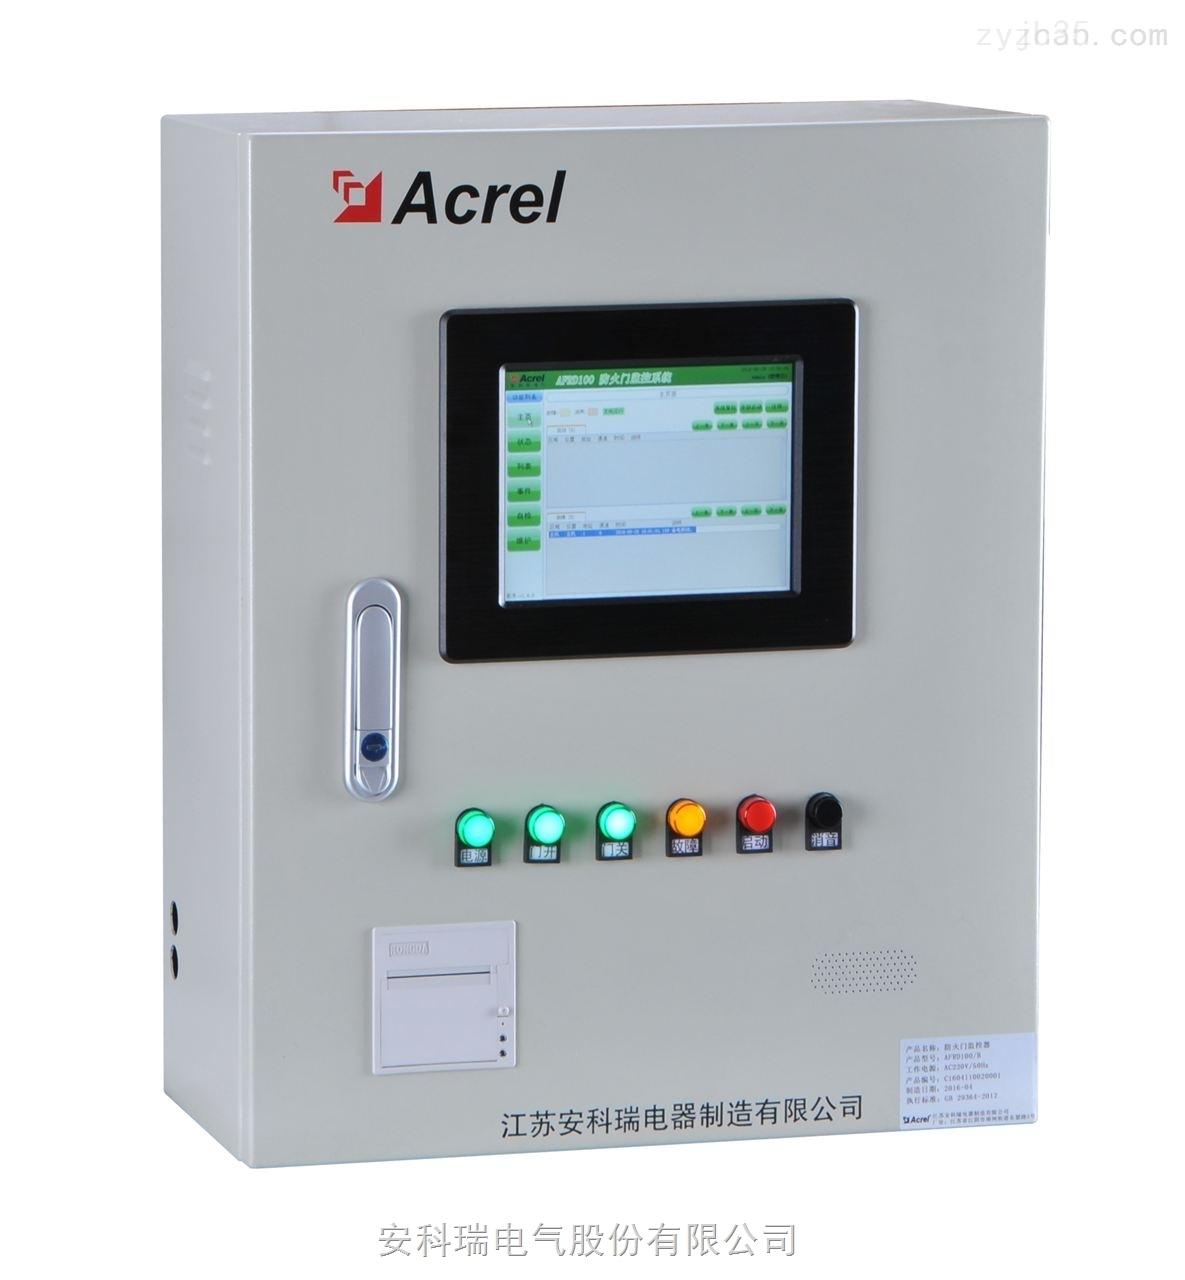 安科瑞防火门监控系统 防火门监控器 AFRD100/B